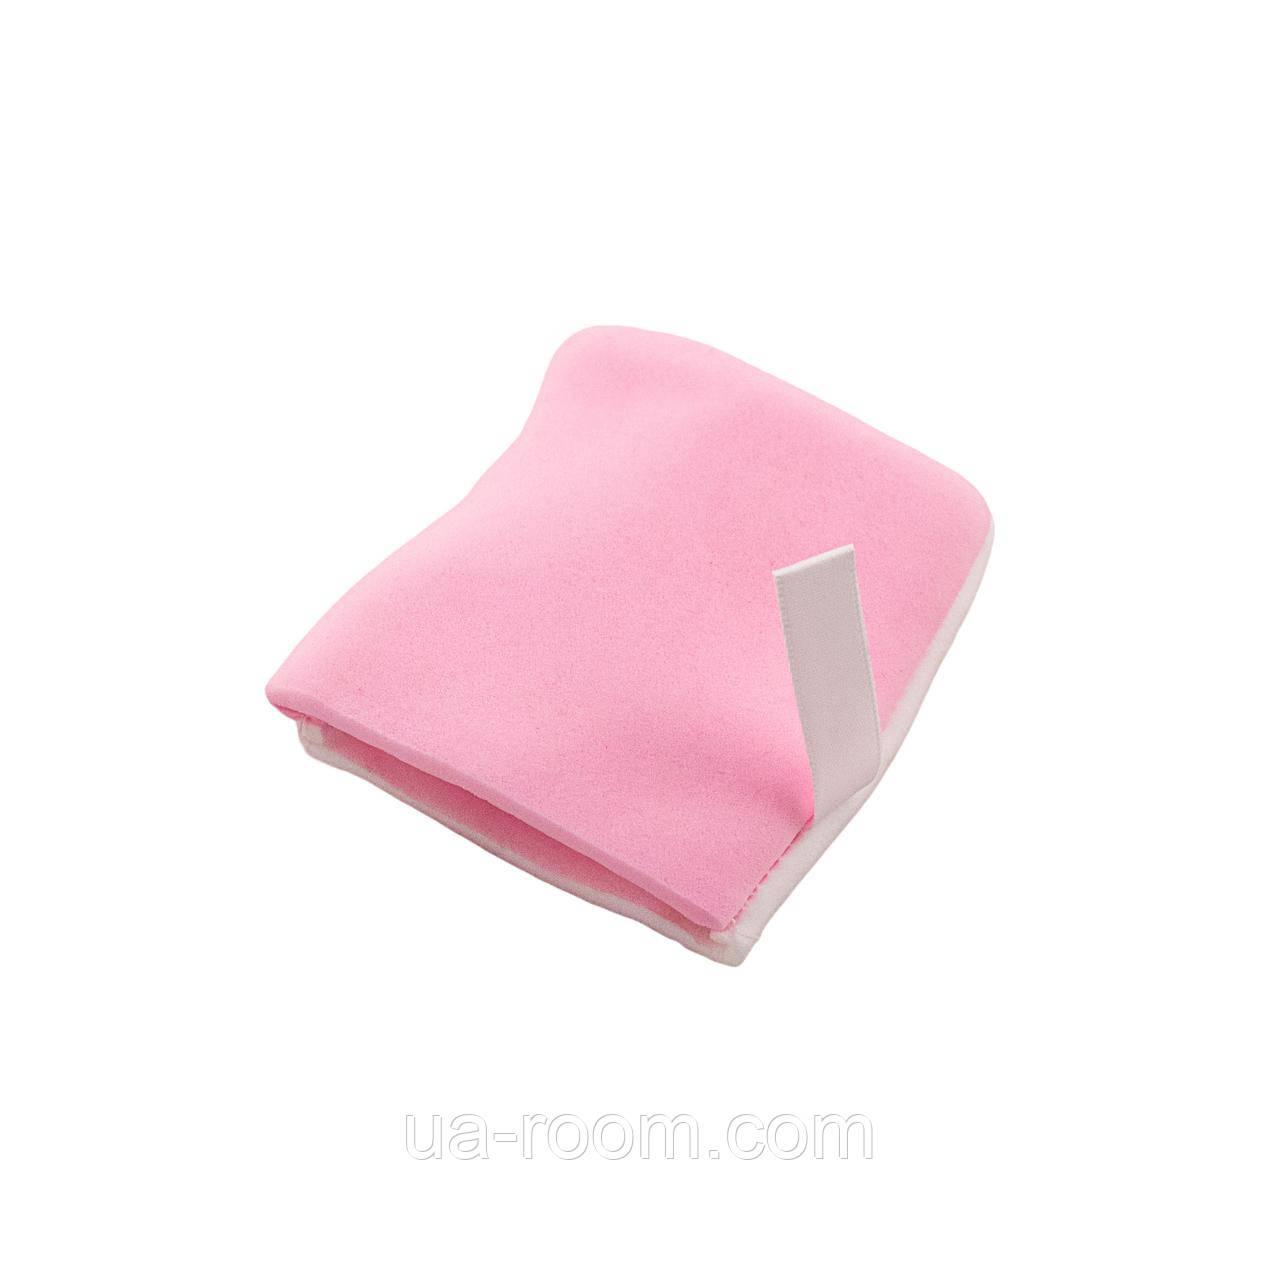 Спонж-рукавица для умывания Lily LC-011